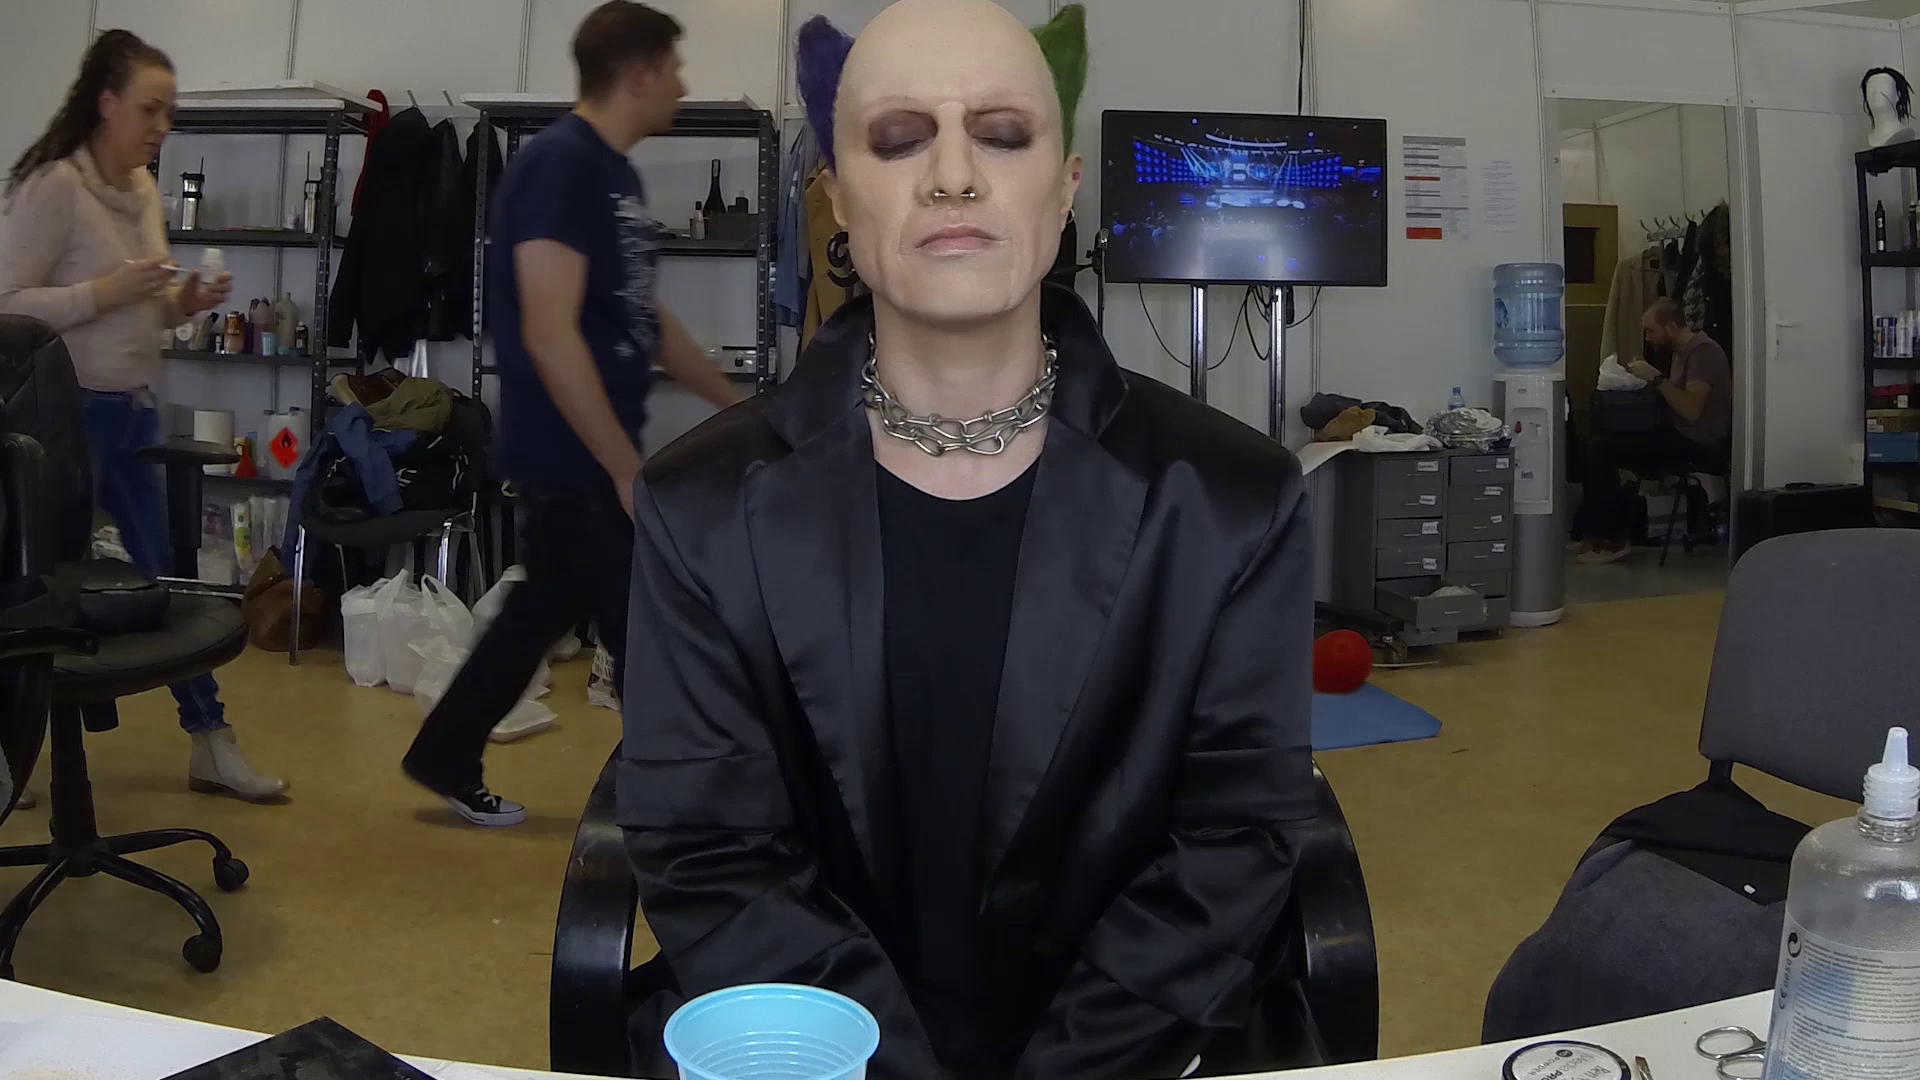 Niesamowita przemiana! Katarzyna Pakosińska jako Keith Flint z The Prodigy